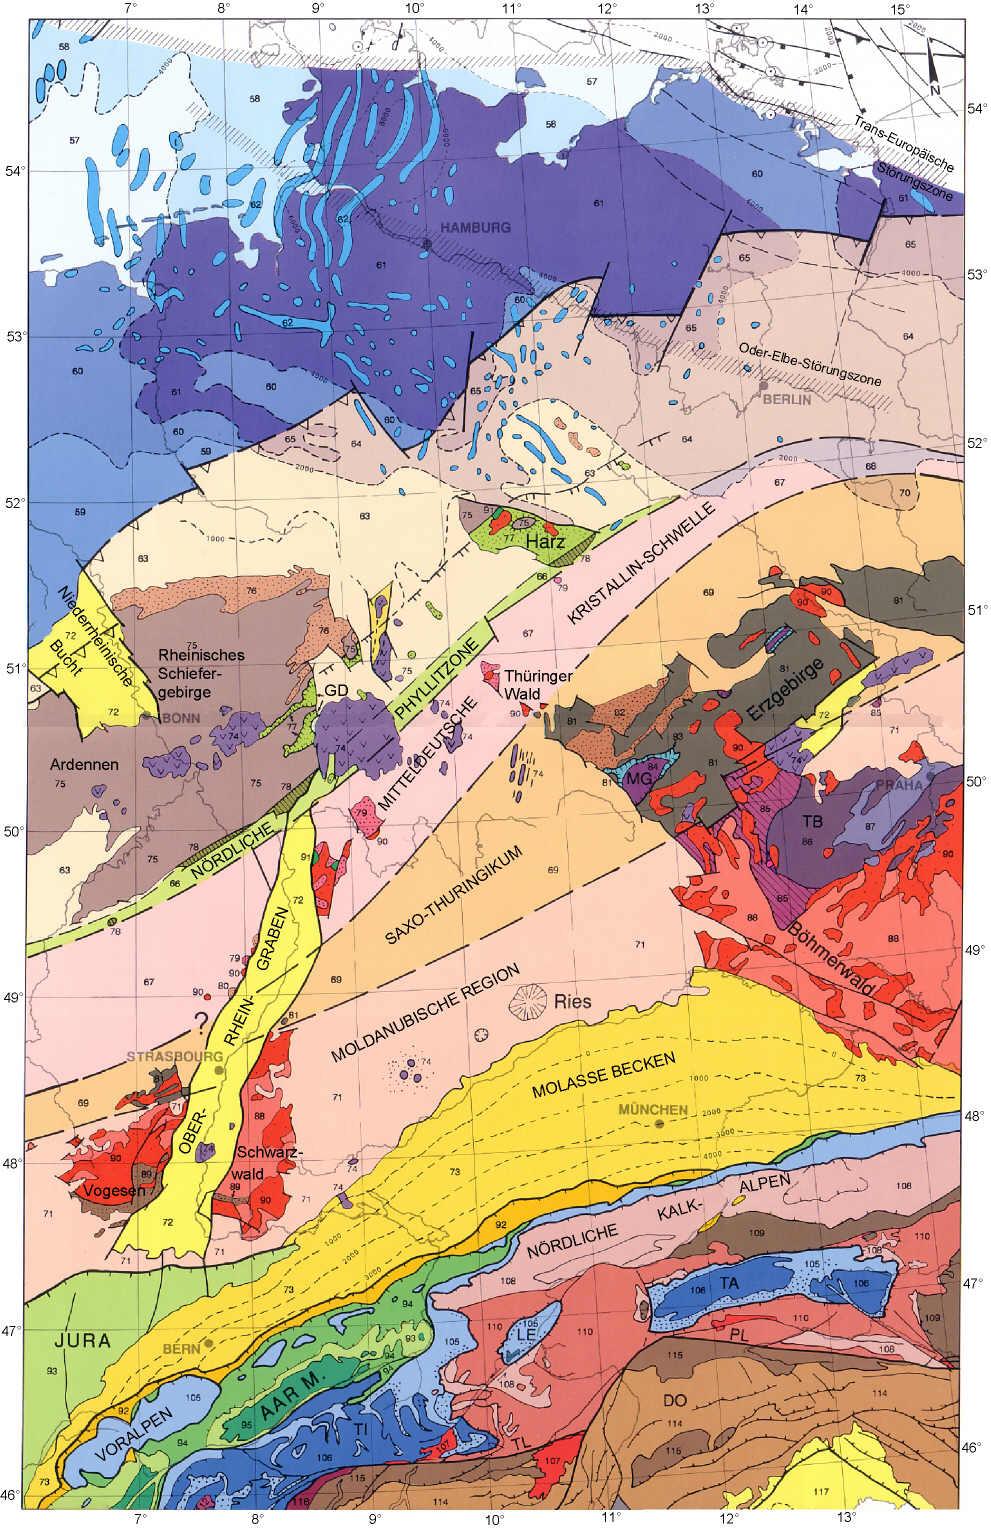 tektonische karte deutschland Tektonische Übersichtskarte von Deutschland